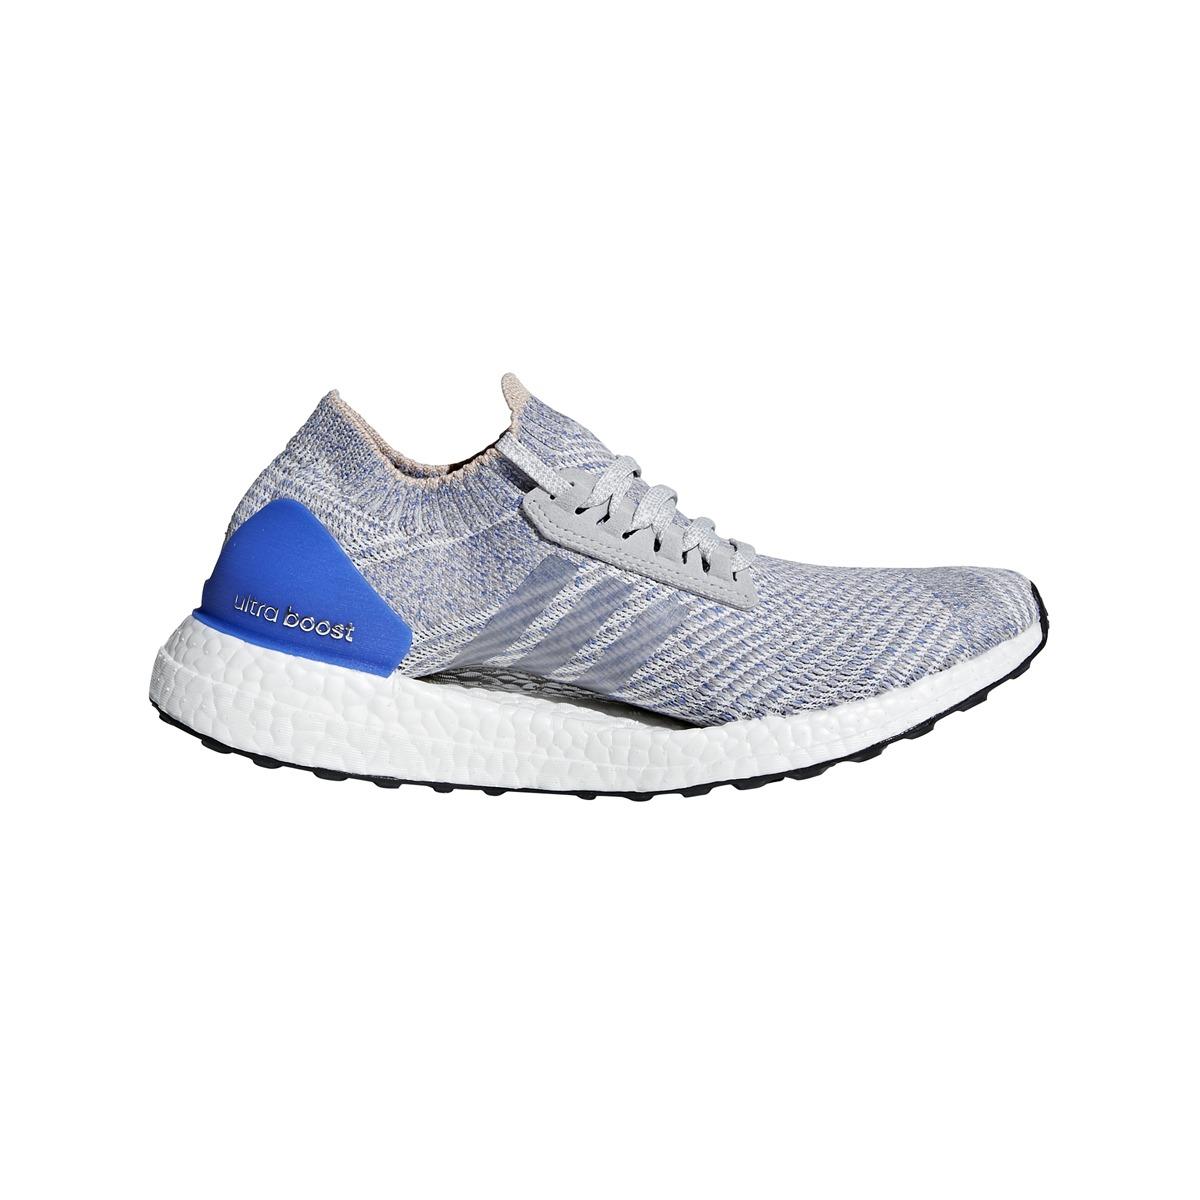 zapatillas adidas running ultraboost x mujer gr go. Cargando zoom. 06e9af0e47fb0